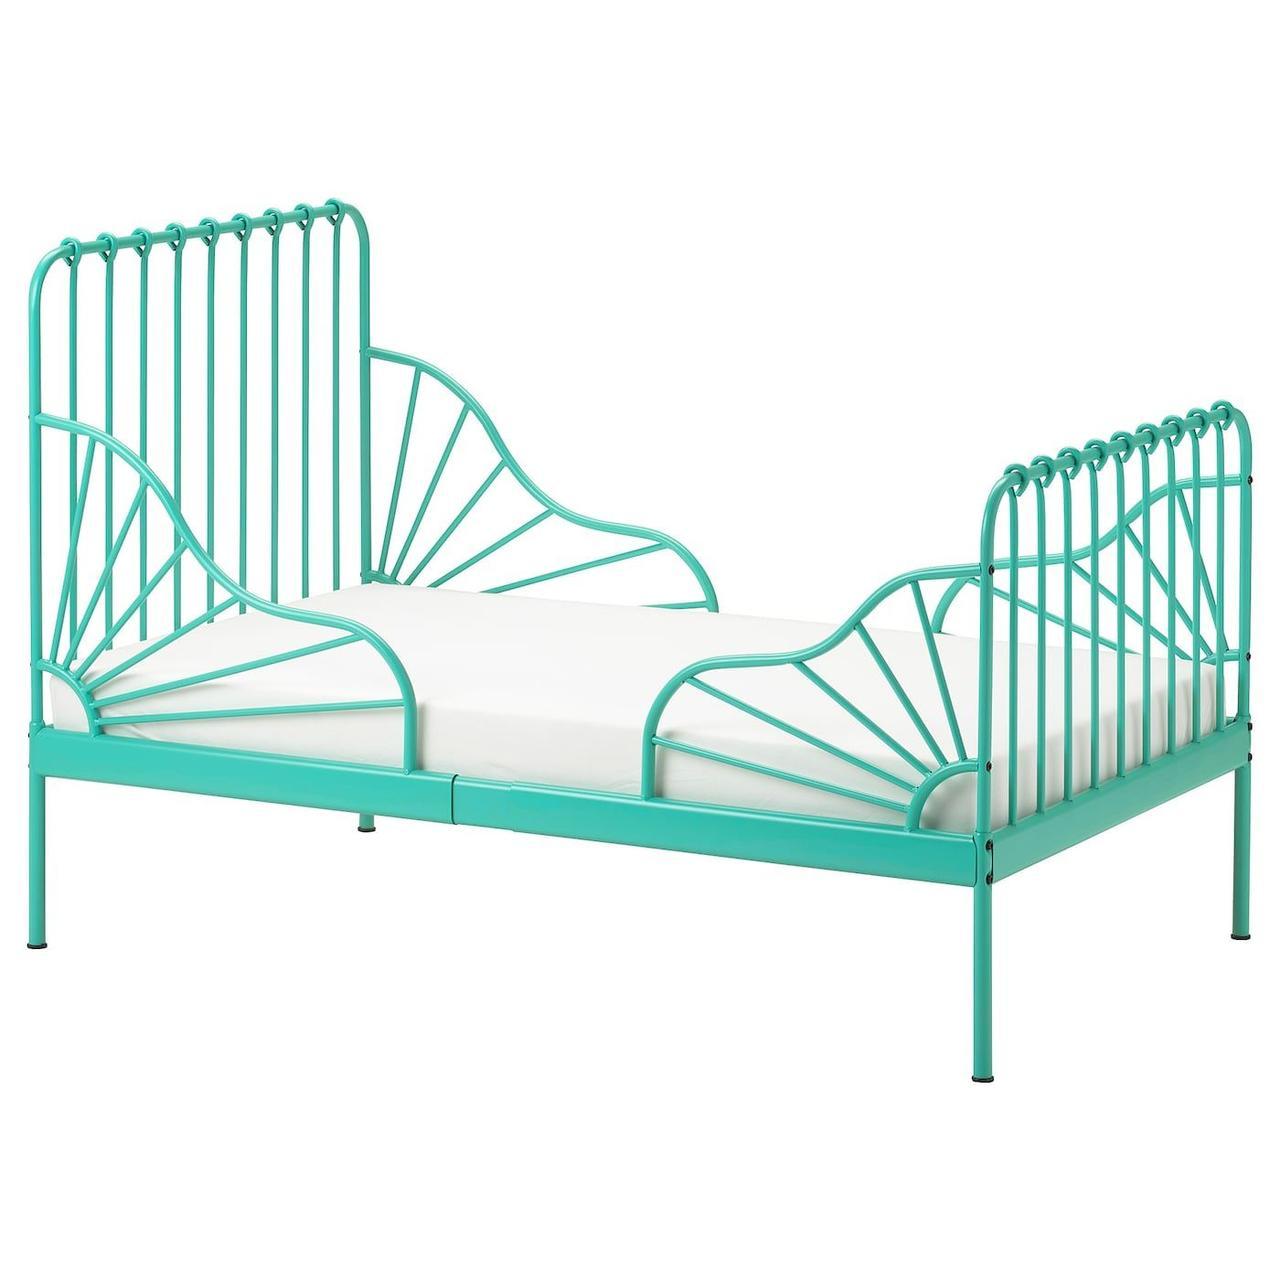 Каркас раздвижной кровати IKEA MINNEN 693.237.57